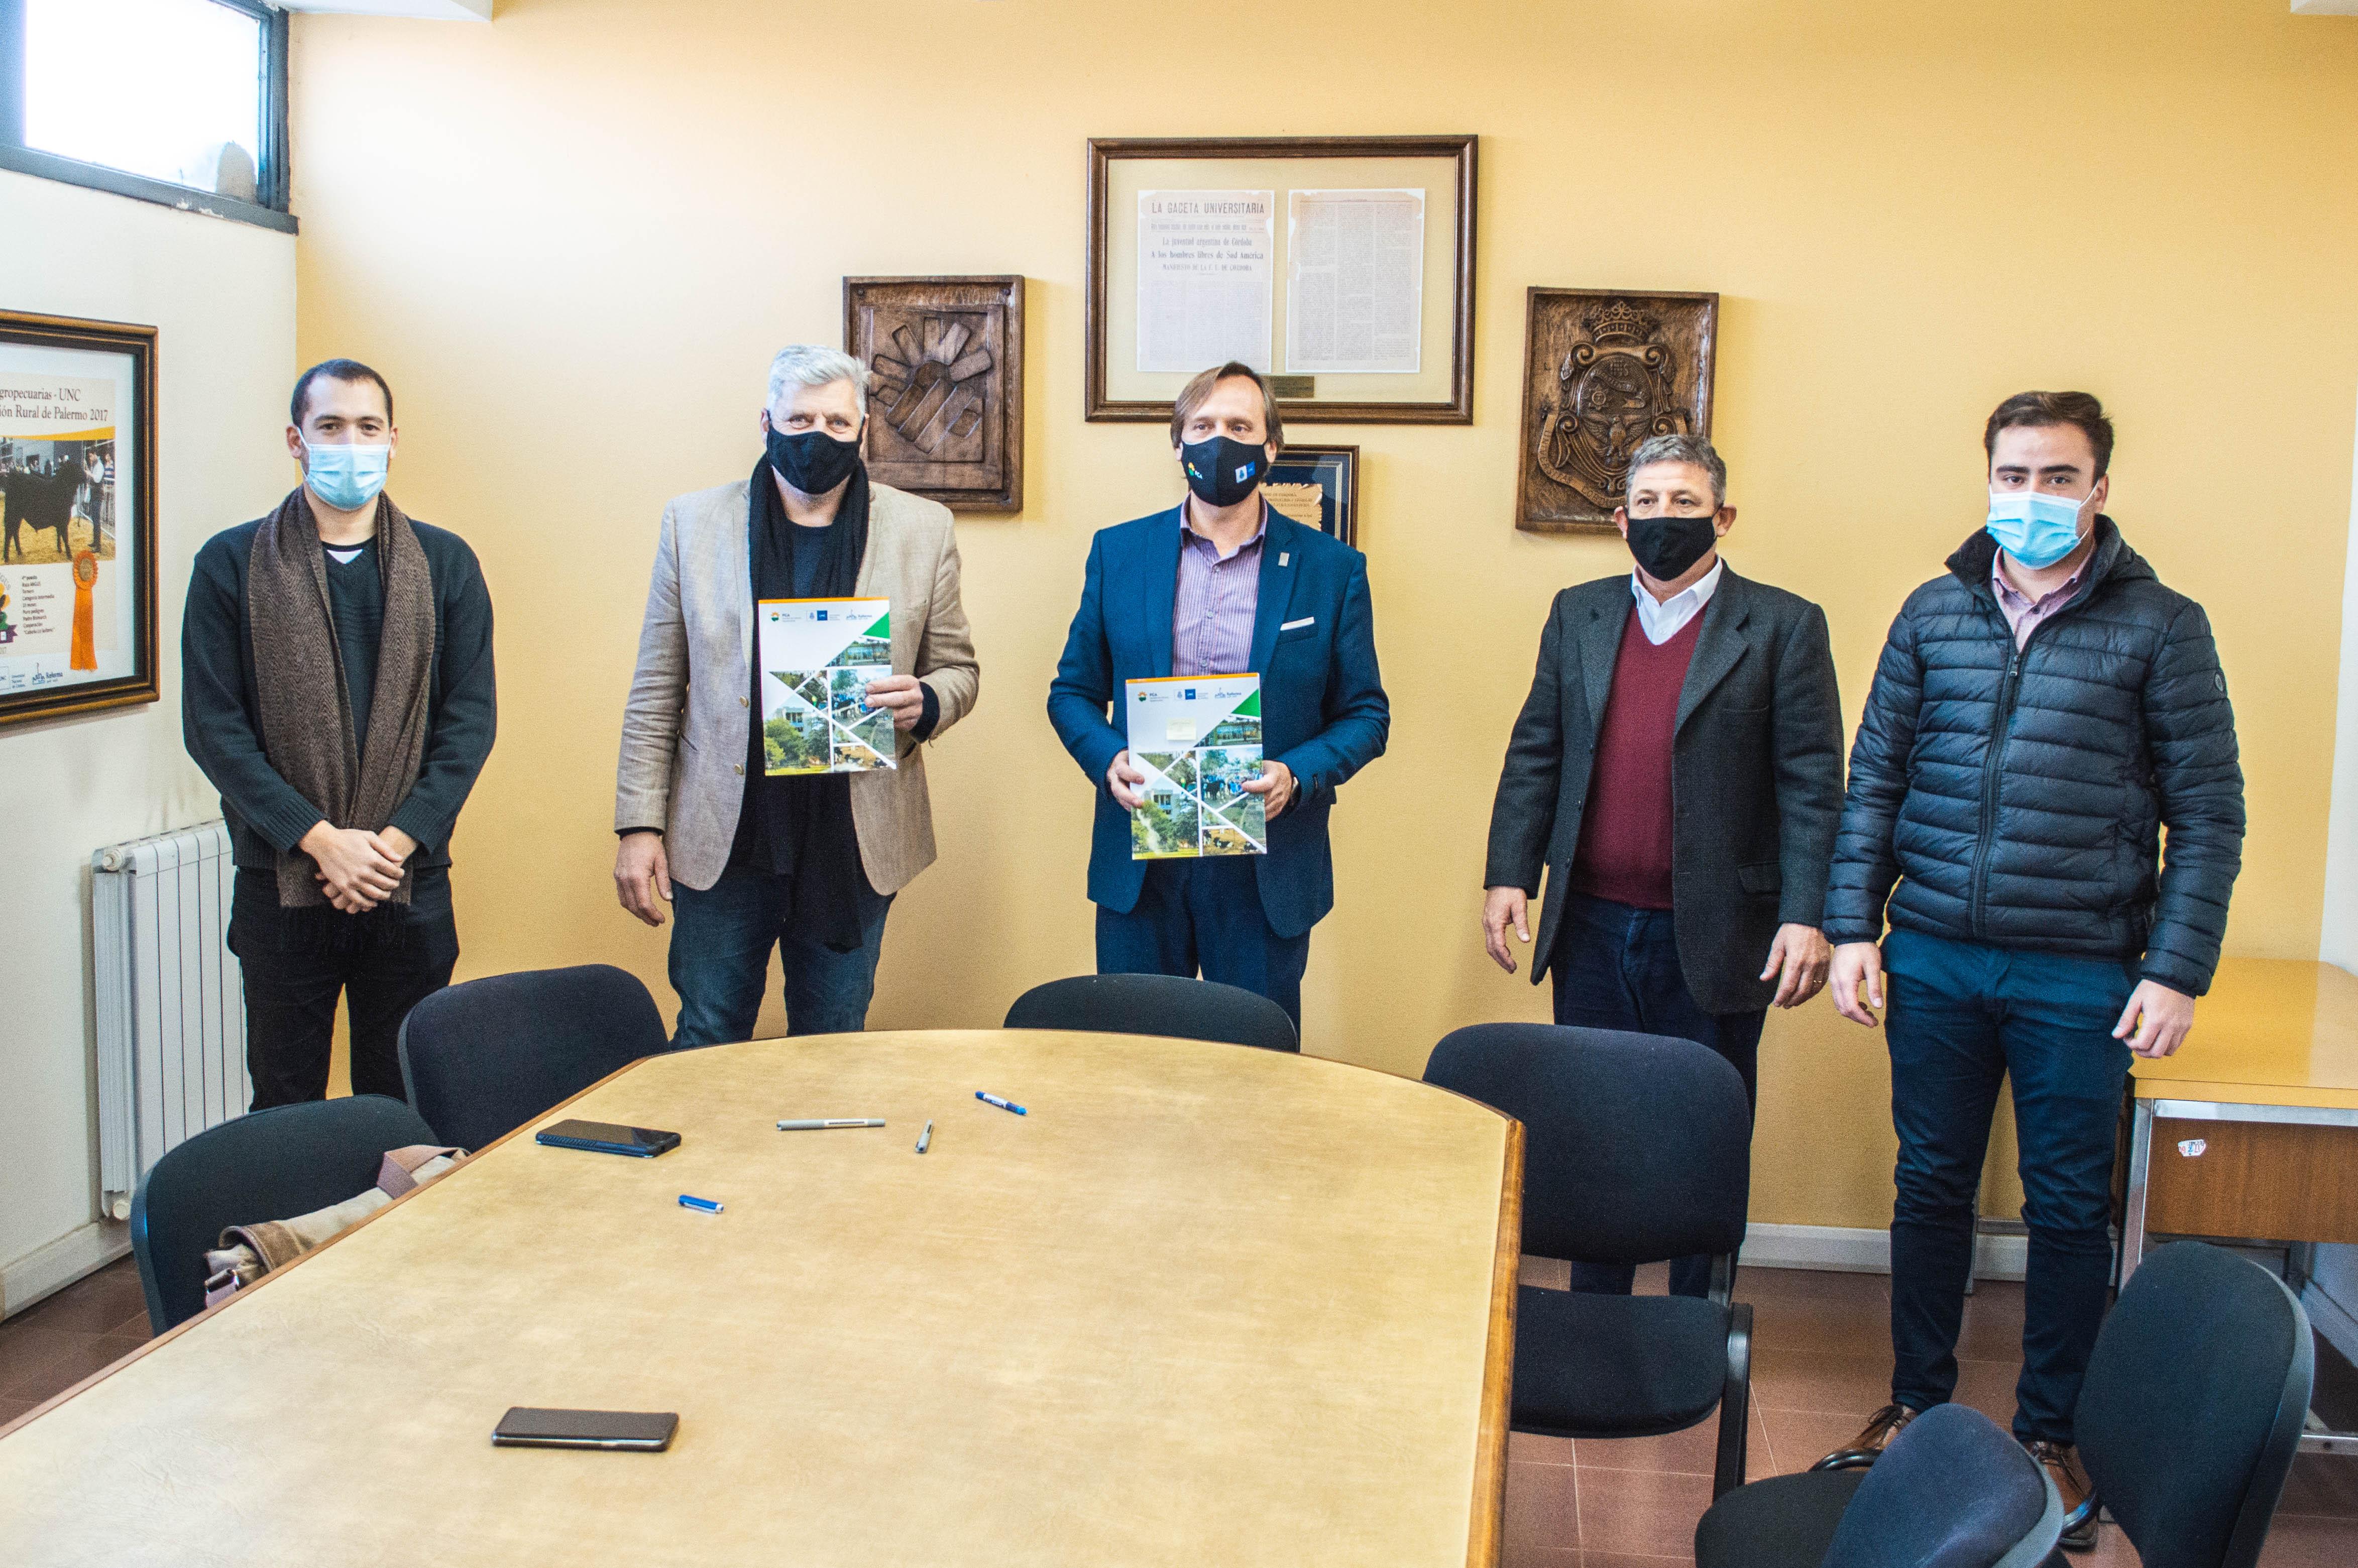 2000 ejemplares de eucaliptus y asesoramiento para Pueblo Italiano